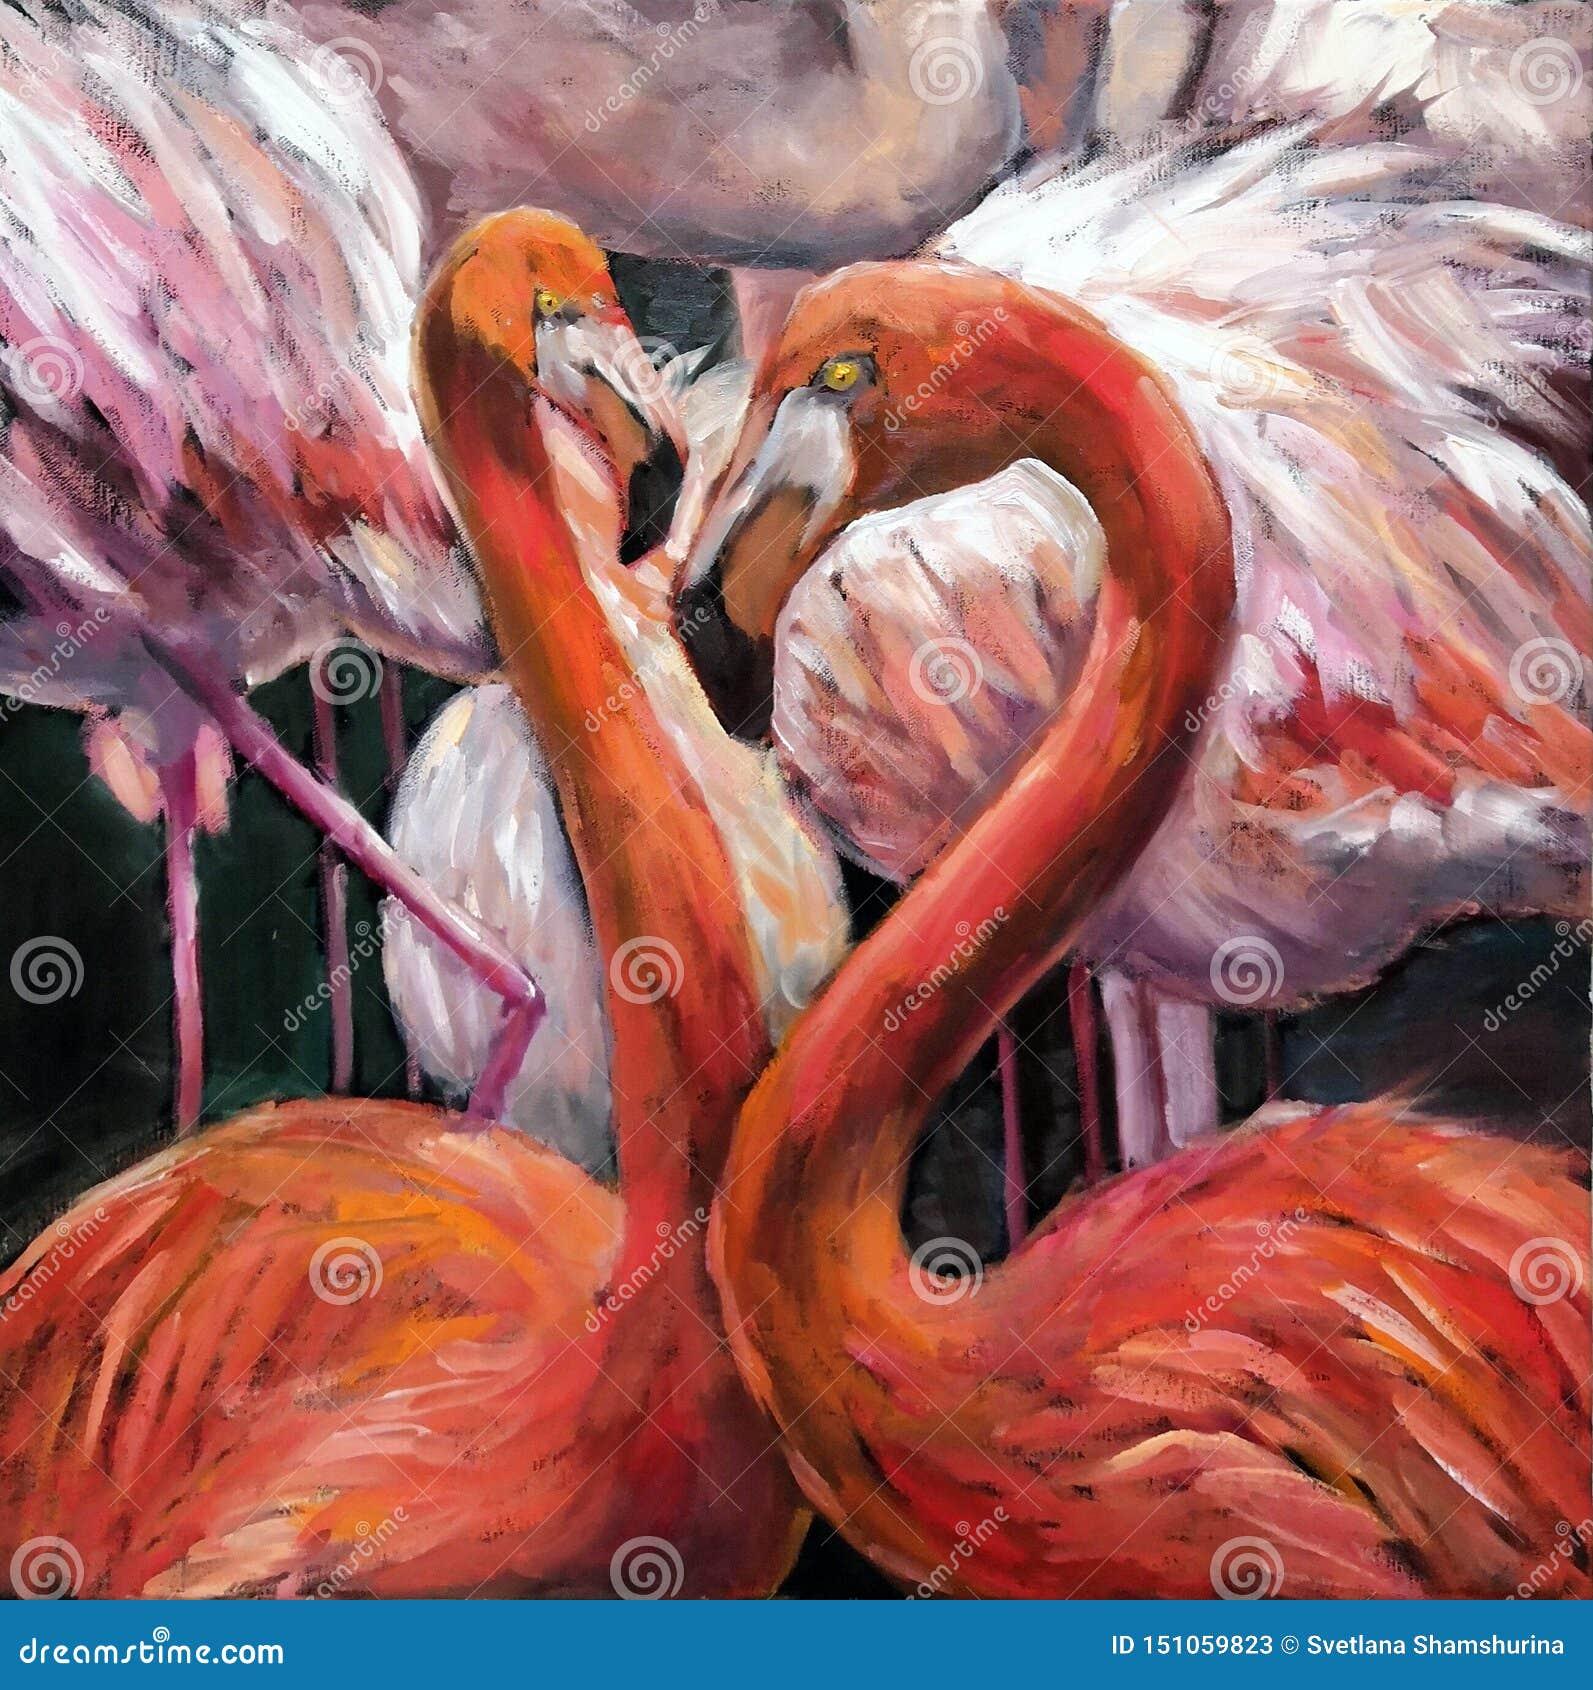 桃红色火鸟油画夫妇在黑暗的背景的 在美丽的热带鸟帆布的原始的印象主义油图片